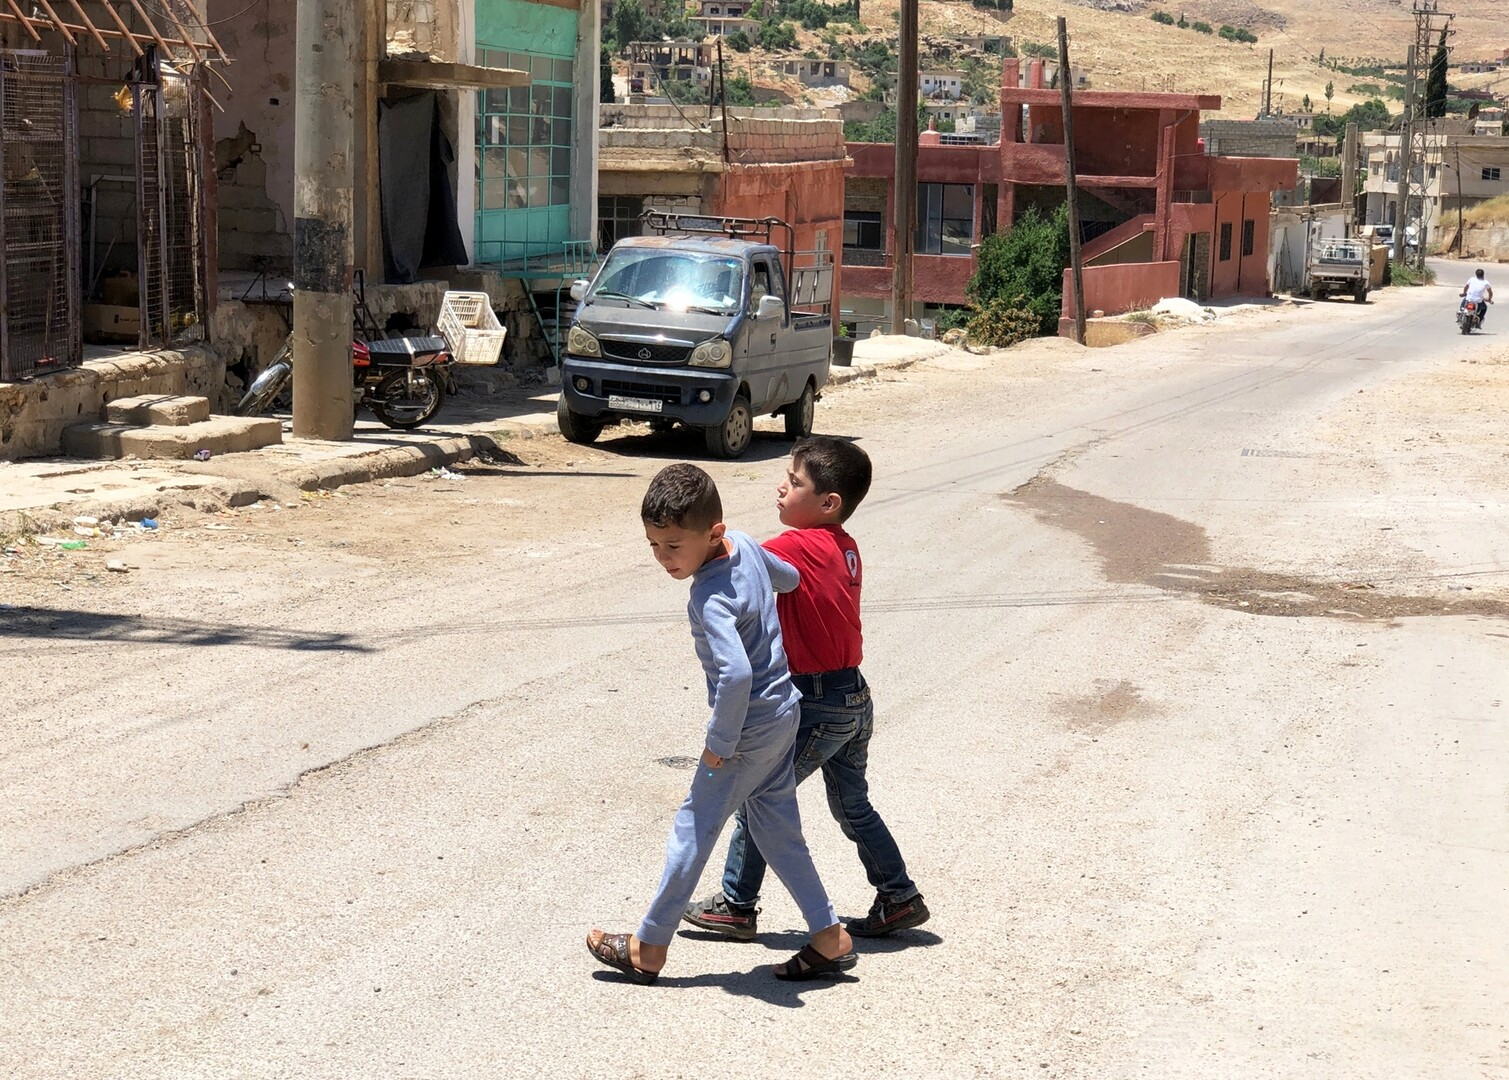 الأطفال الروس العائدون مؤخرا من سوريا بصحة جيدة